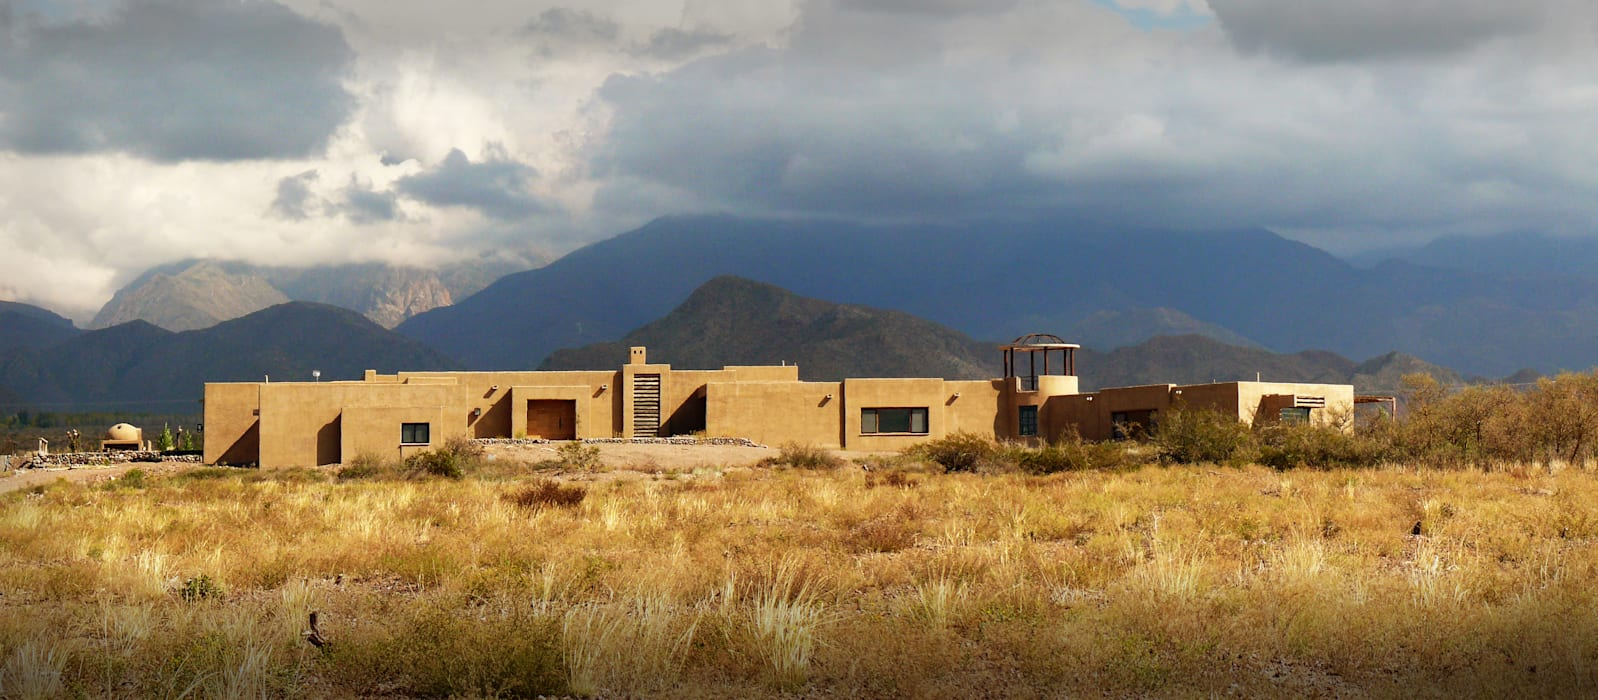 ALPASION LODGE | Fachada y Entorno: Hoteles de estilo  por Bórmida & Yanzón arquitectos